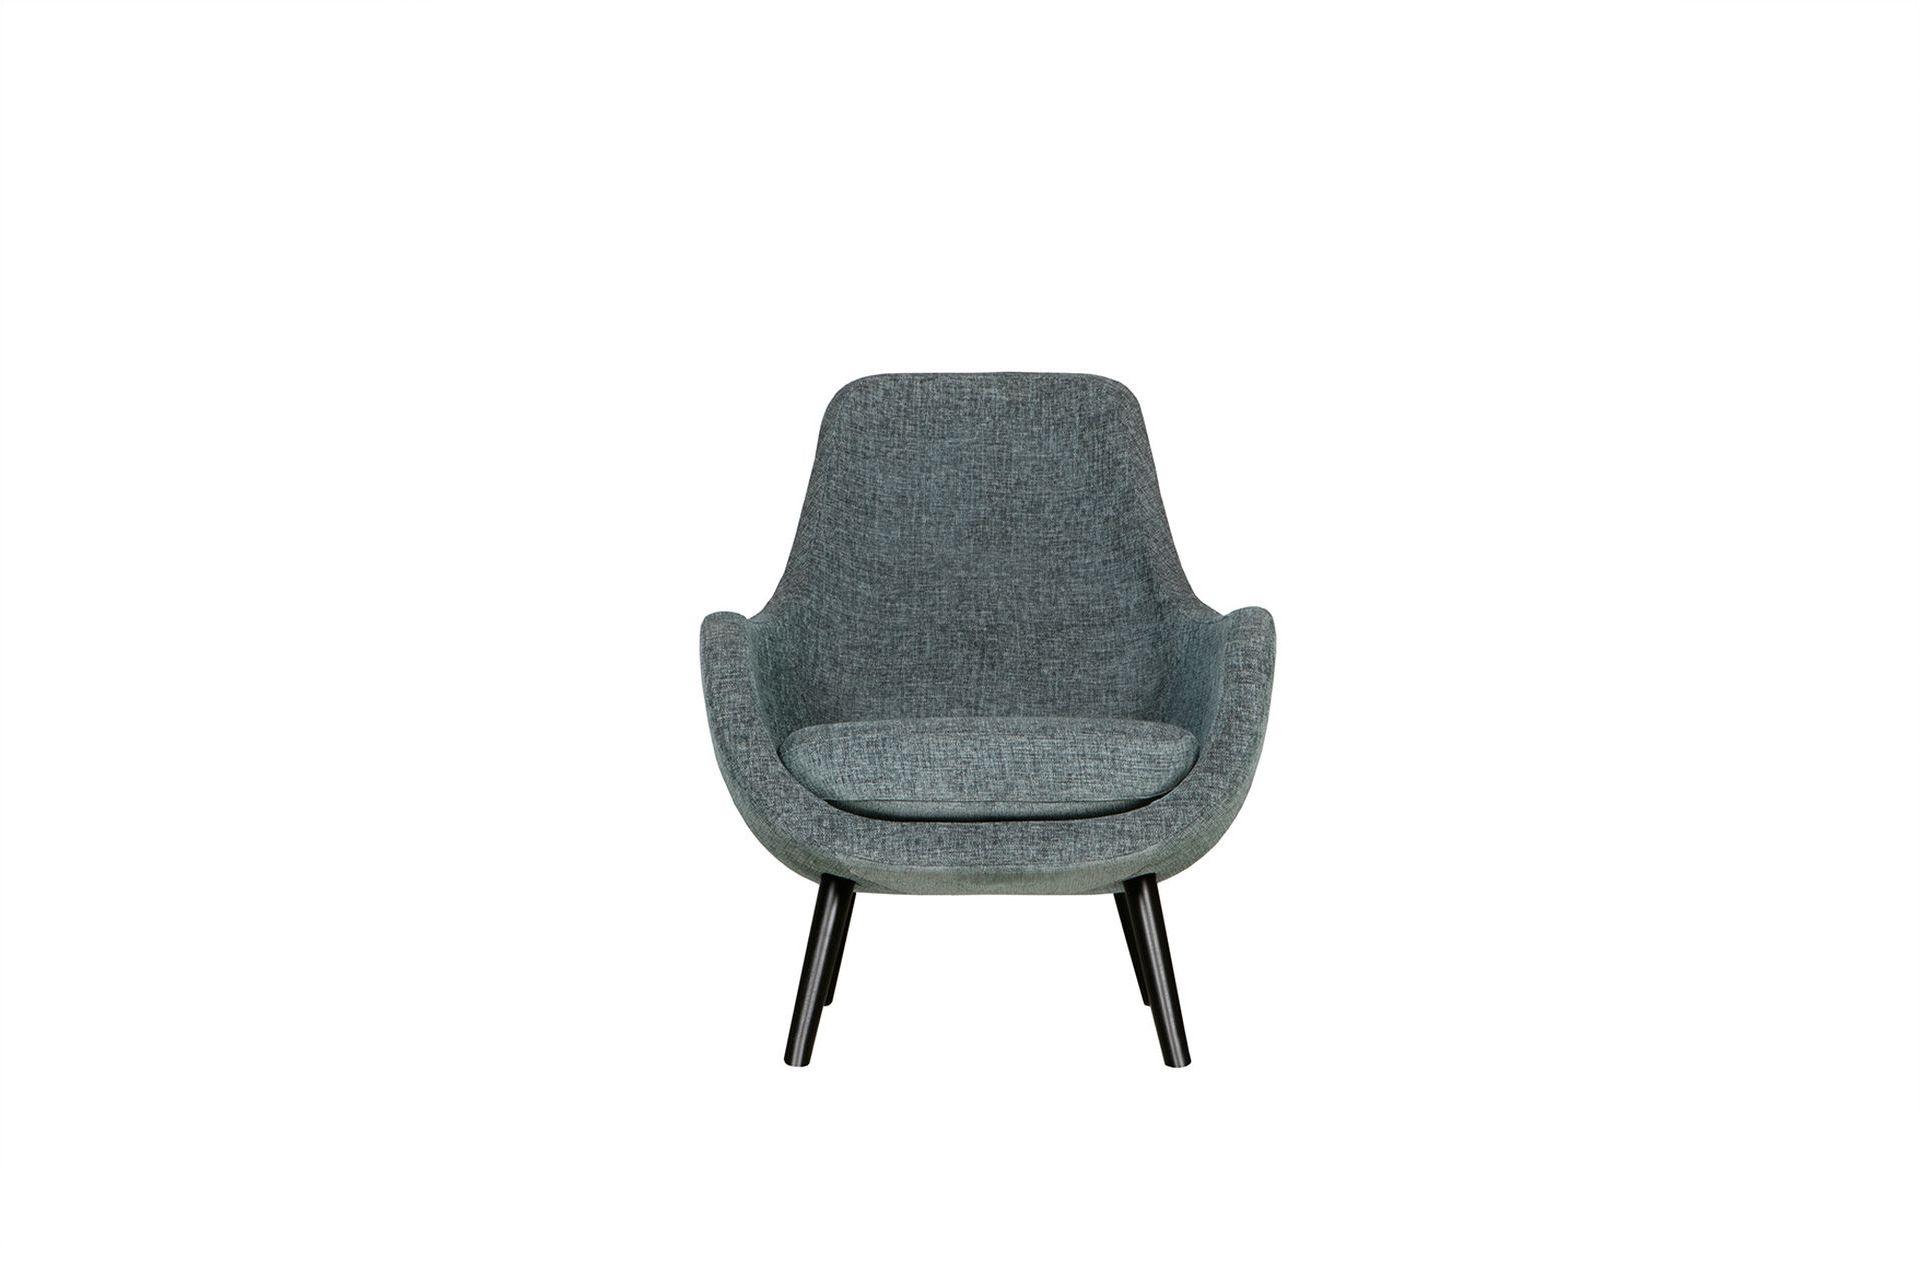 Кресло StefaniИнтерьерные кресла<br>Это кресло украсит собой интерьер в любом стиле, ведь в зависимости от материала обивки оно выглядит и сдержанно-элегантным, и весьма экстравагантным. По желанию клиента кресло STEFANI выполняется с классическими деревянными ножками или металлическими ножками с поворотной функцией. Вариант кресла с поворотным механизмом идеально подойдет для городских кафе или современных офисных пространств.